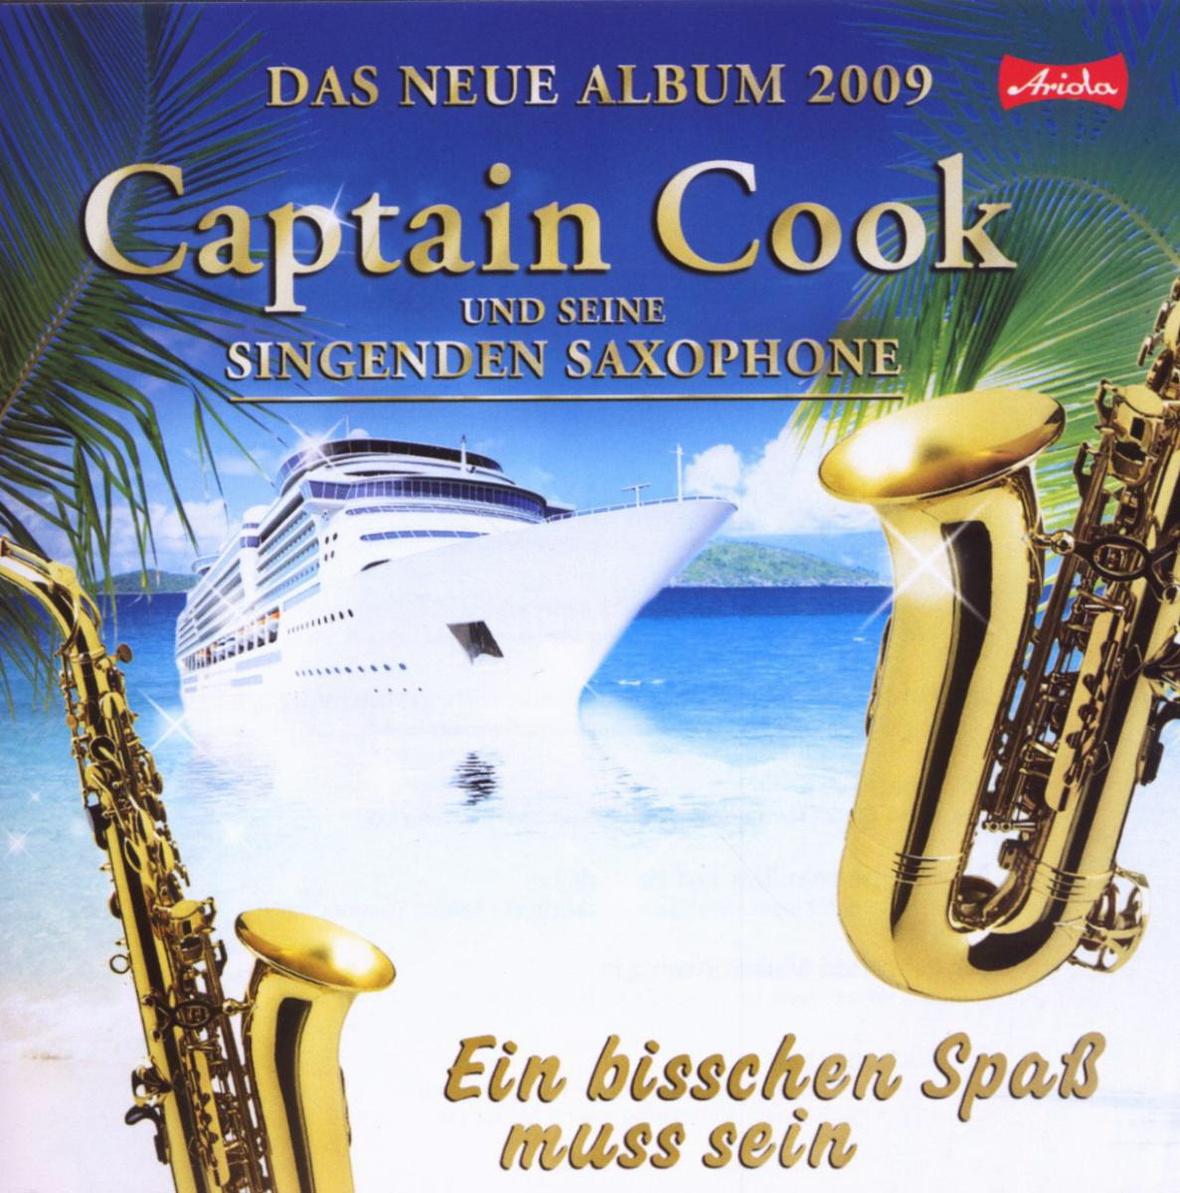 Captain Cook und seine singenden Saxophone - Ei...